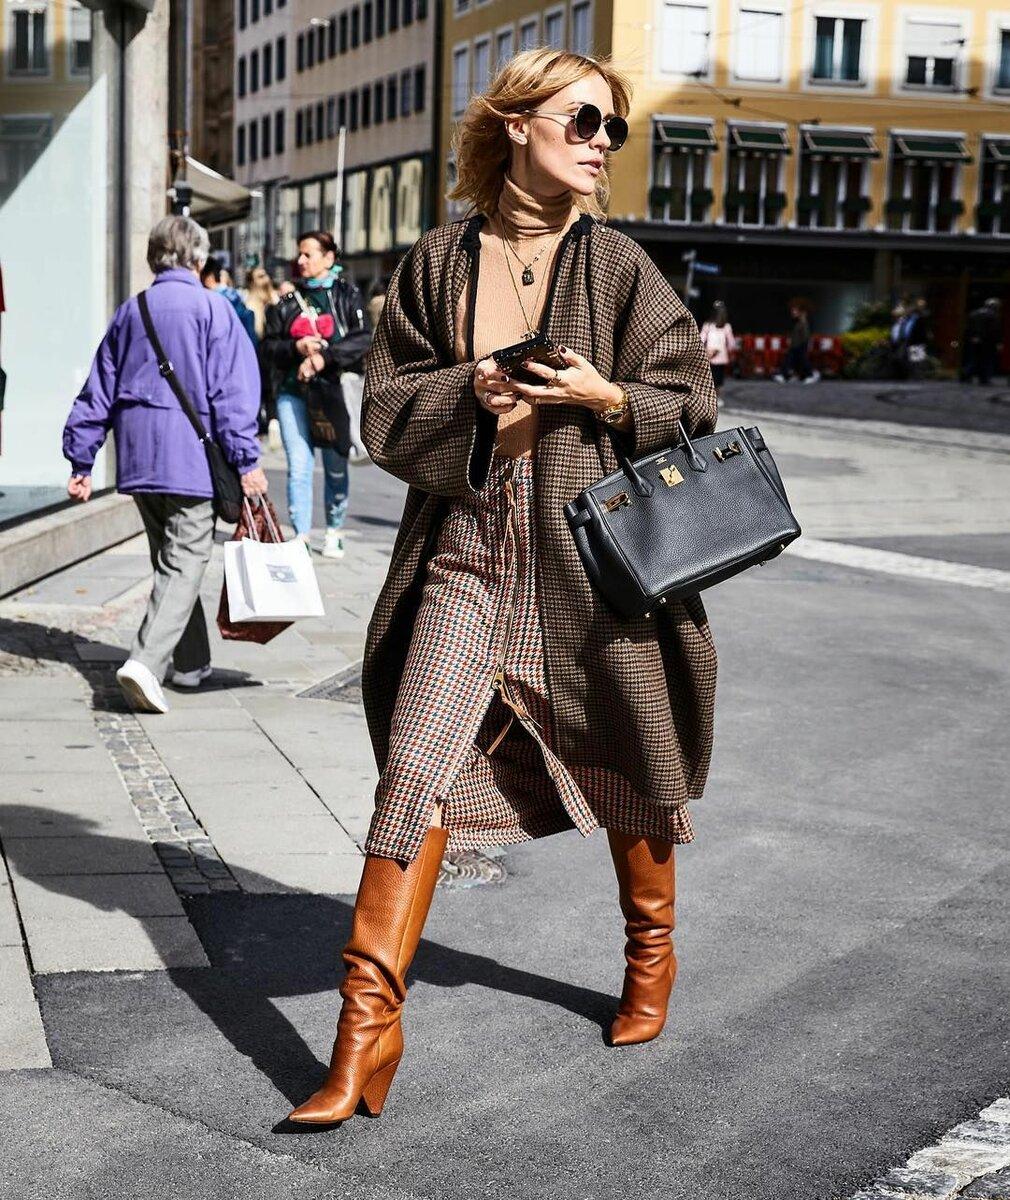 А вы бы надели такой наряд? /Фото: i.pinimg.com